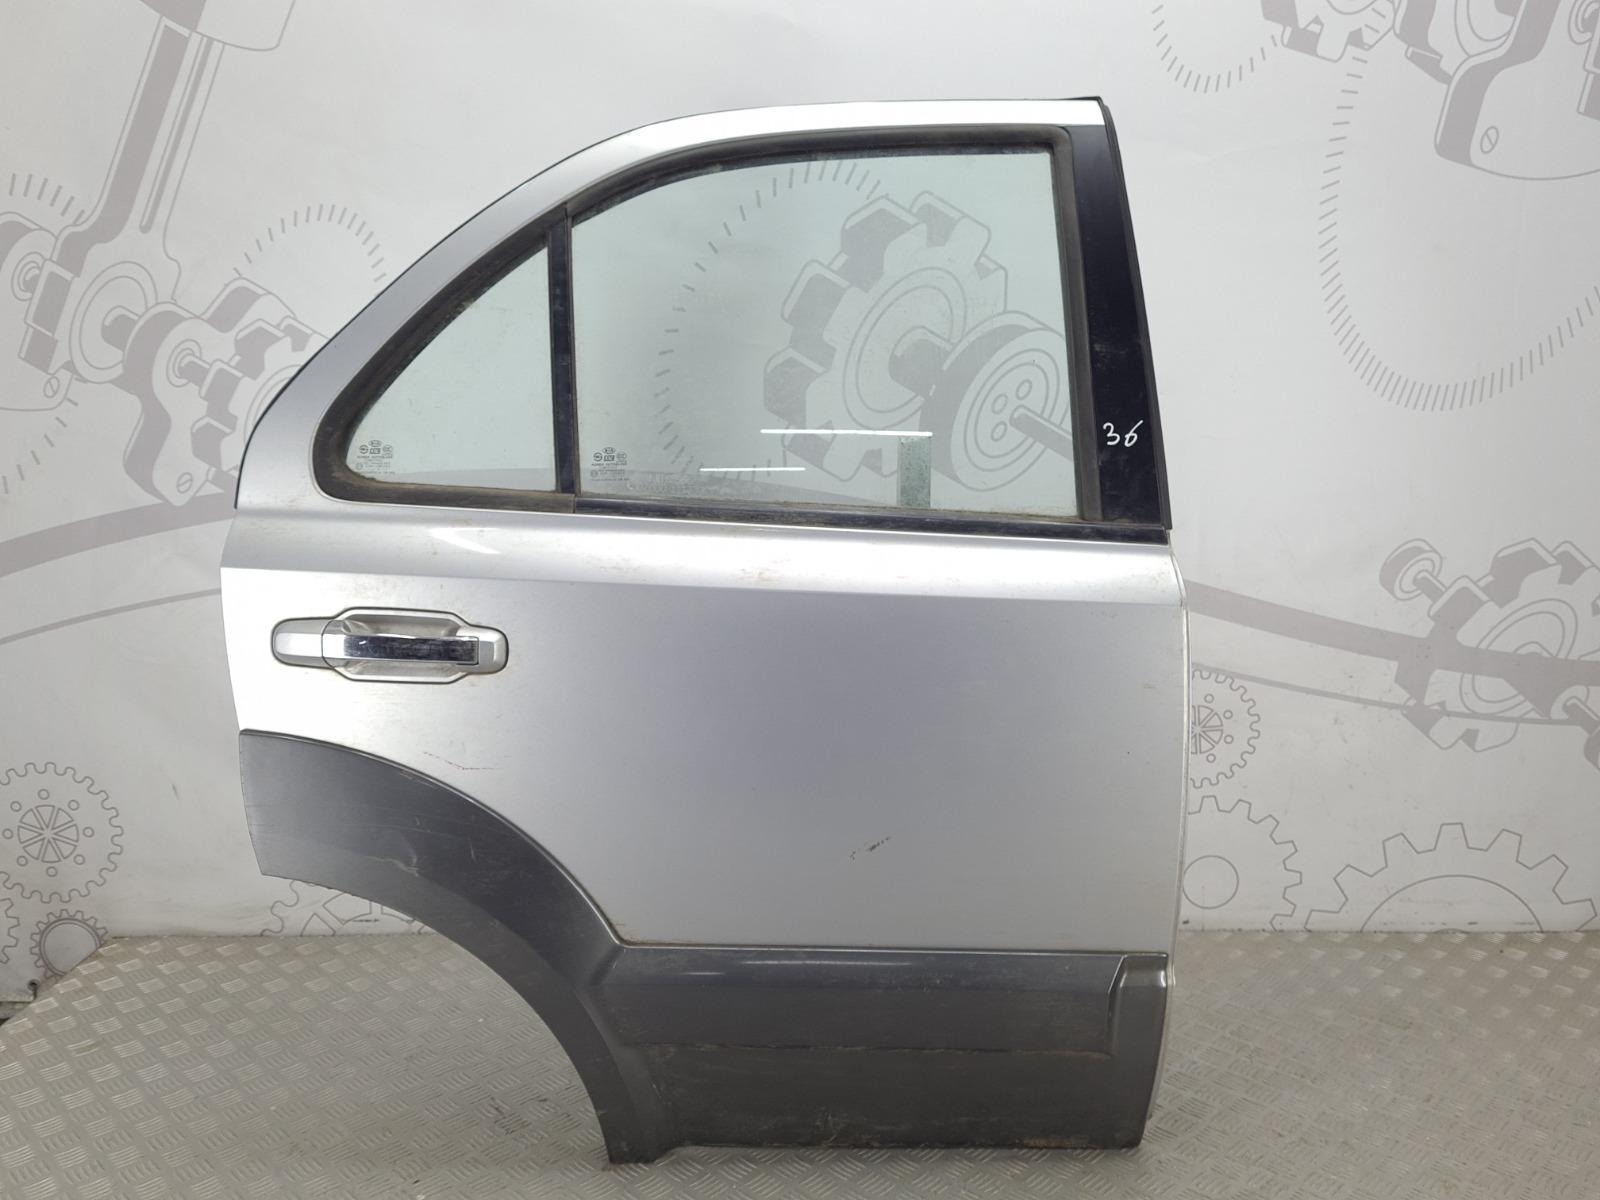 Дверь задняя правая Kia Sorento 2.5 CRDI 2004 (б/у)